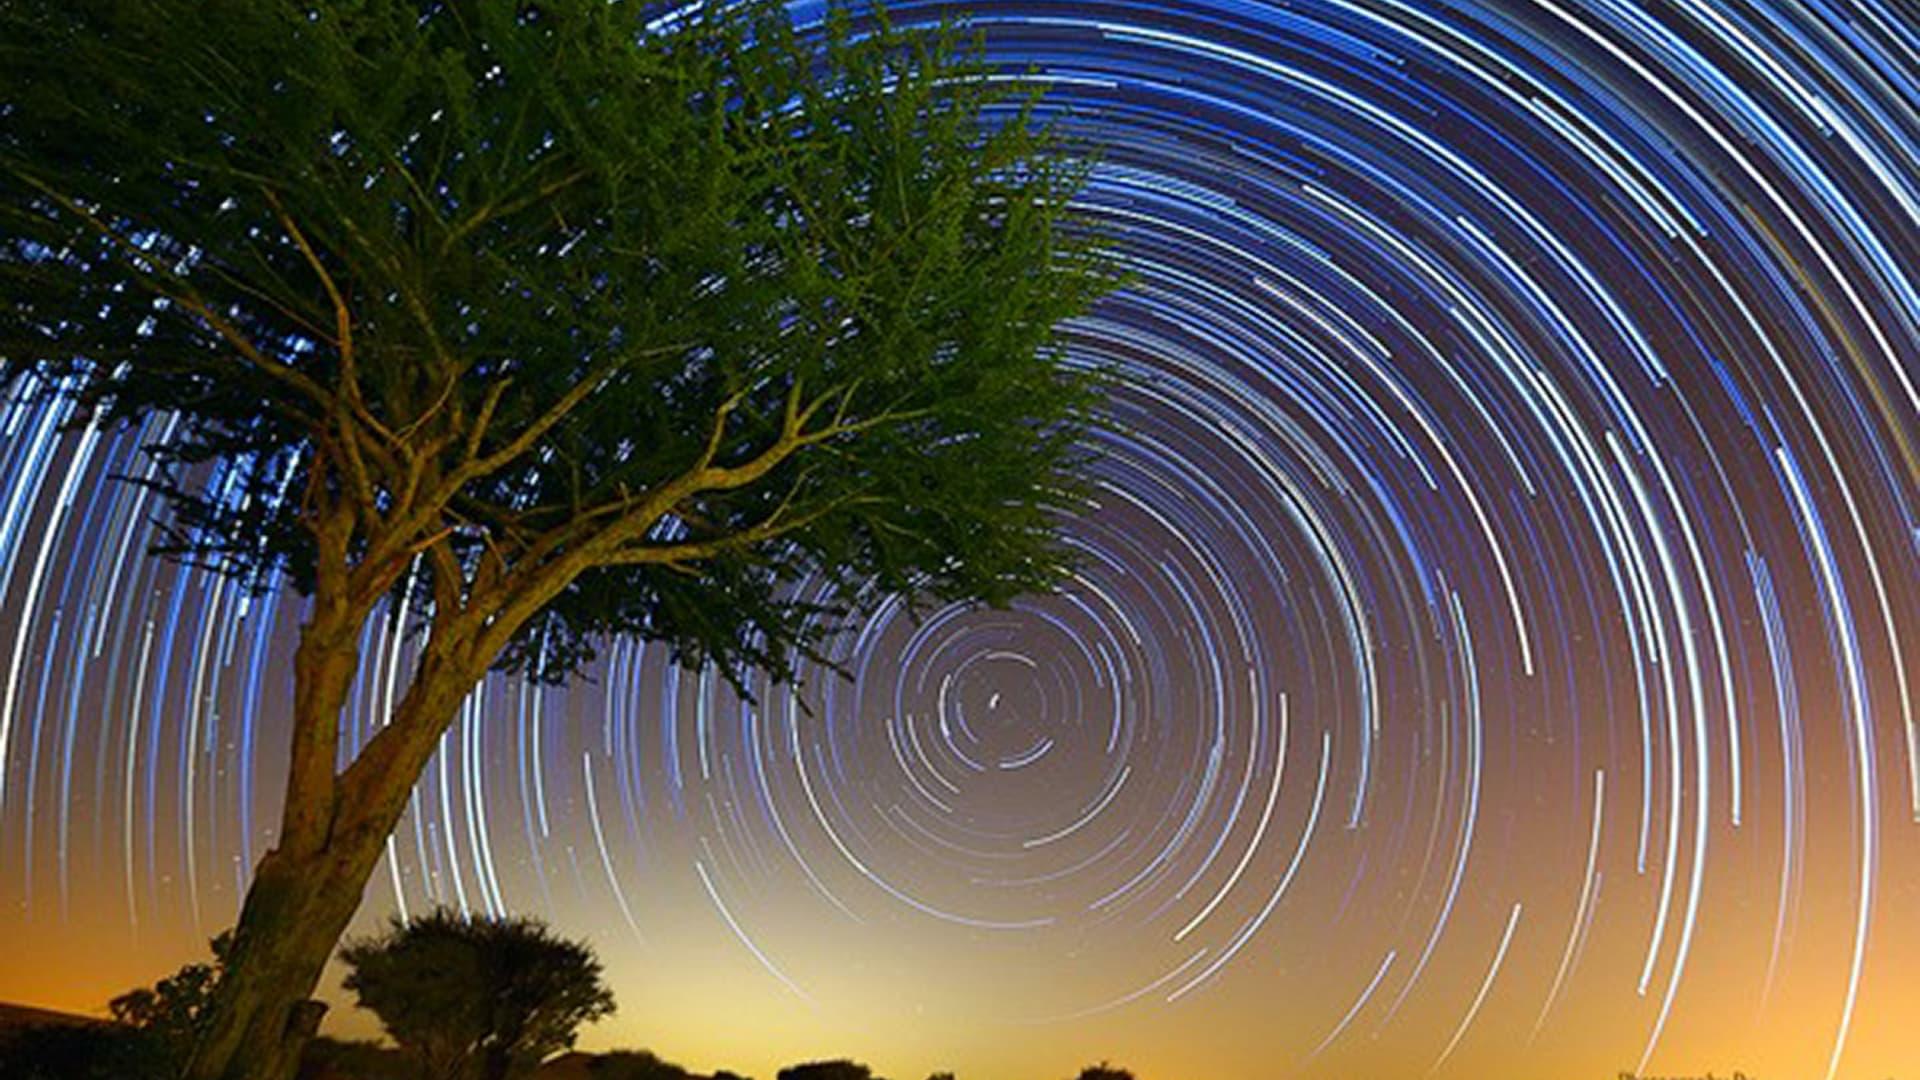 شاهد..نجوم وشهب تضيء سماء الصين